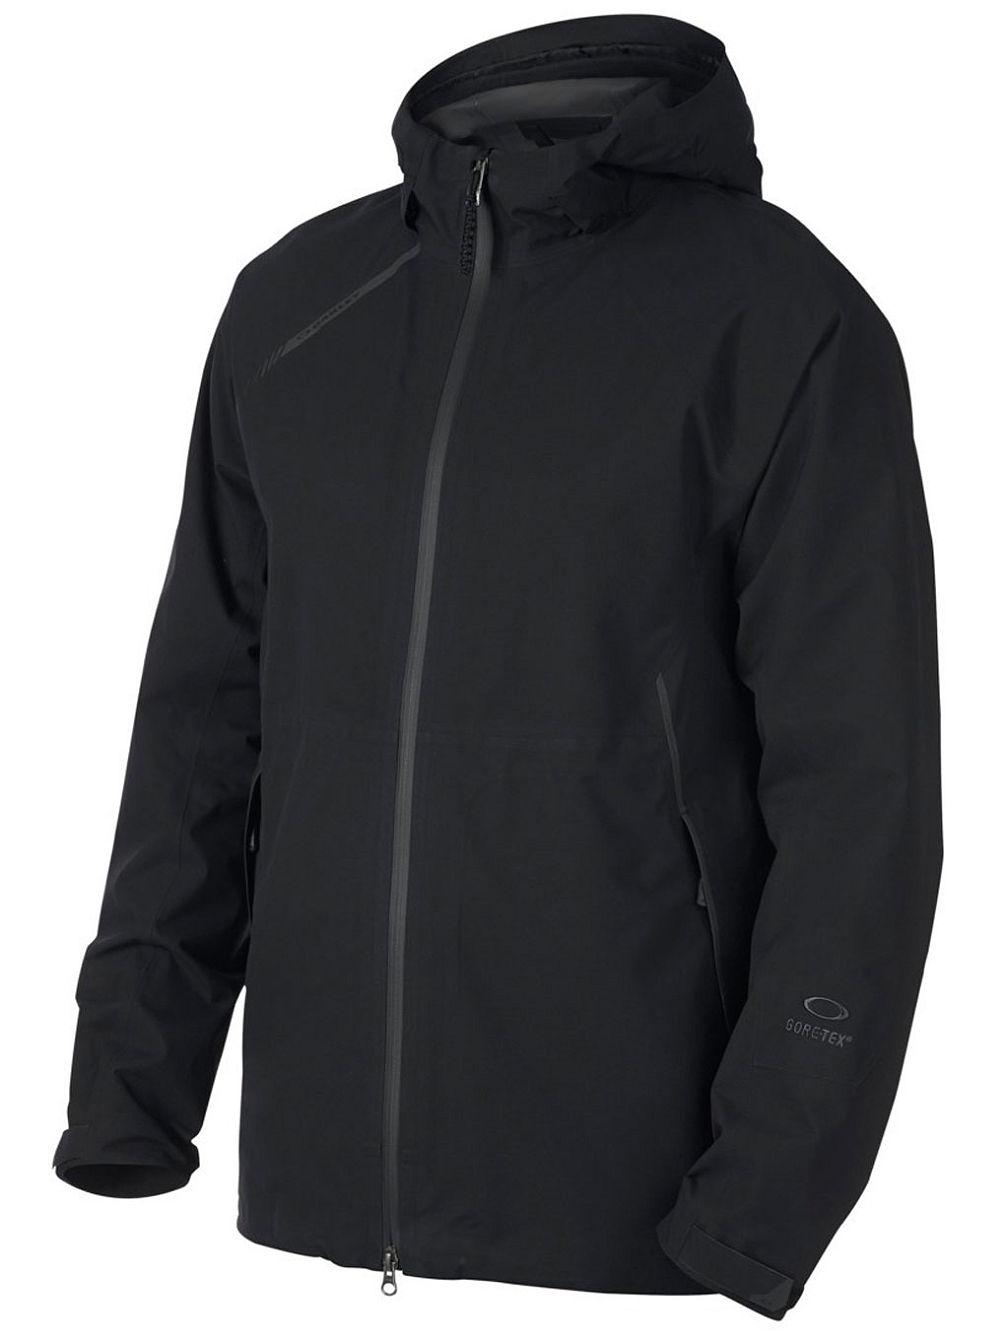 optimum-gore-jacket